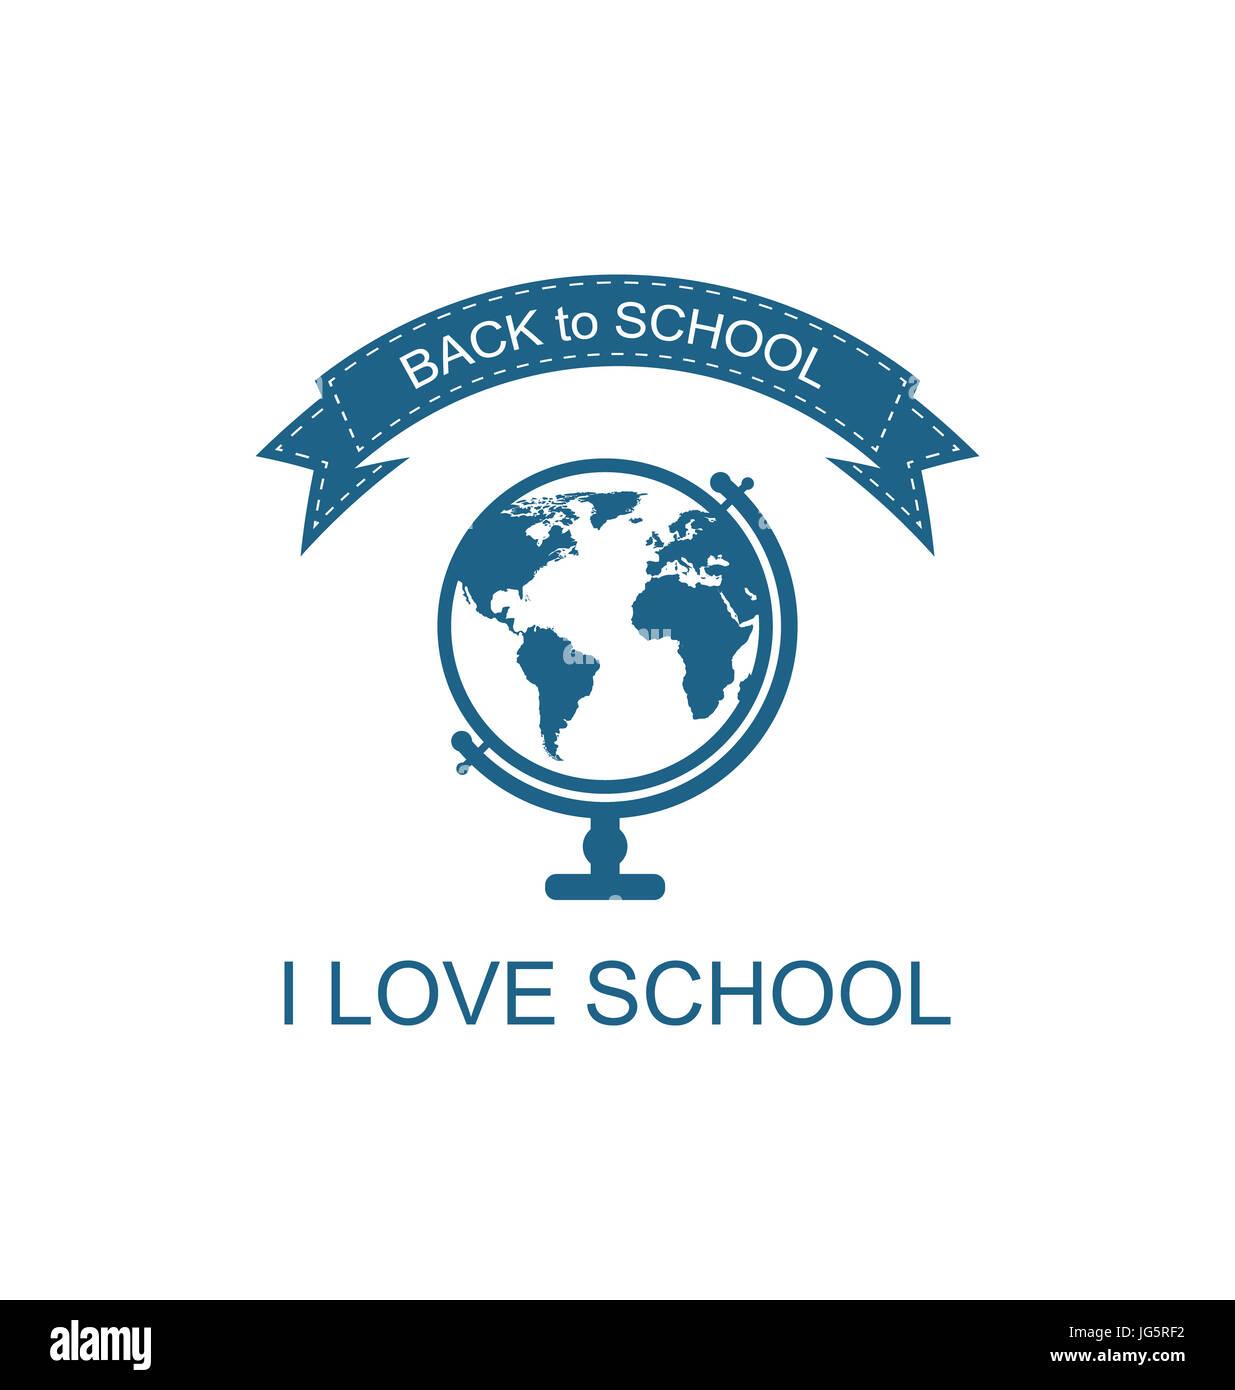 Illustration Back to School Logo with Globe Flat Icon, Isolated on White Background - - Stock Image